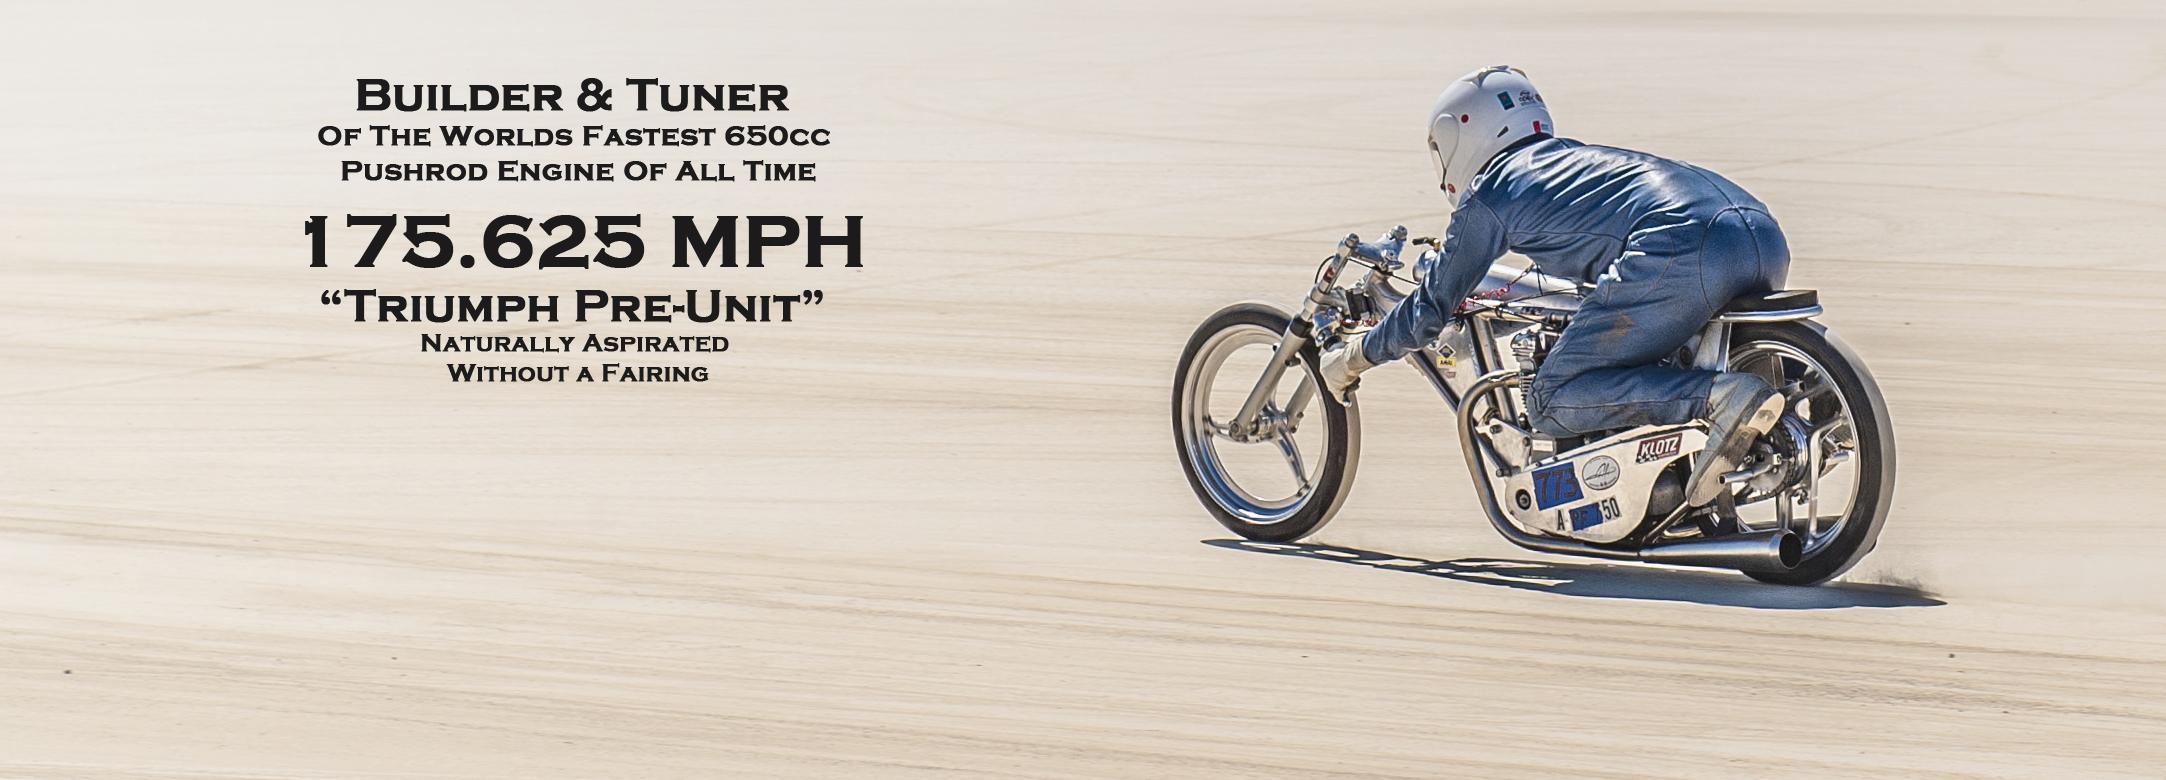 world's fastest Triumph